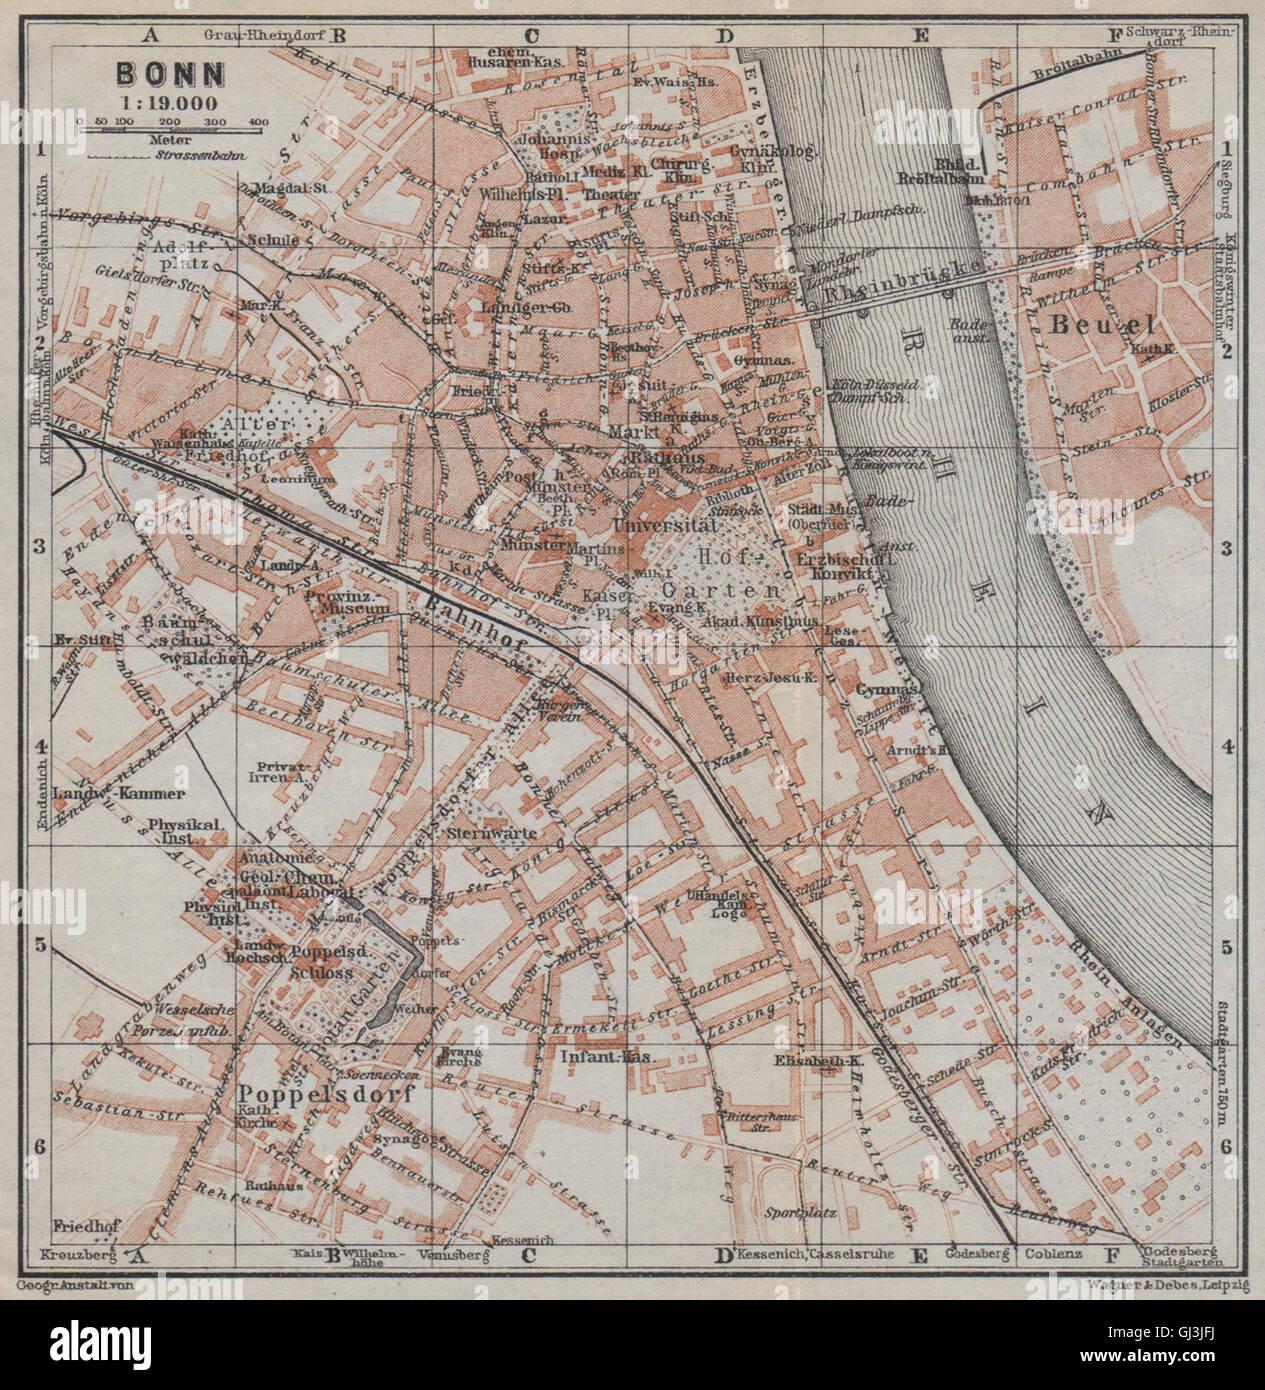 Bonn Karte.Bonn Vintage Stadt Stadt Attraktivem Karte Von Nordrhein Westfalen